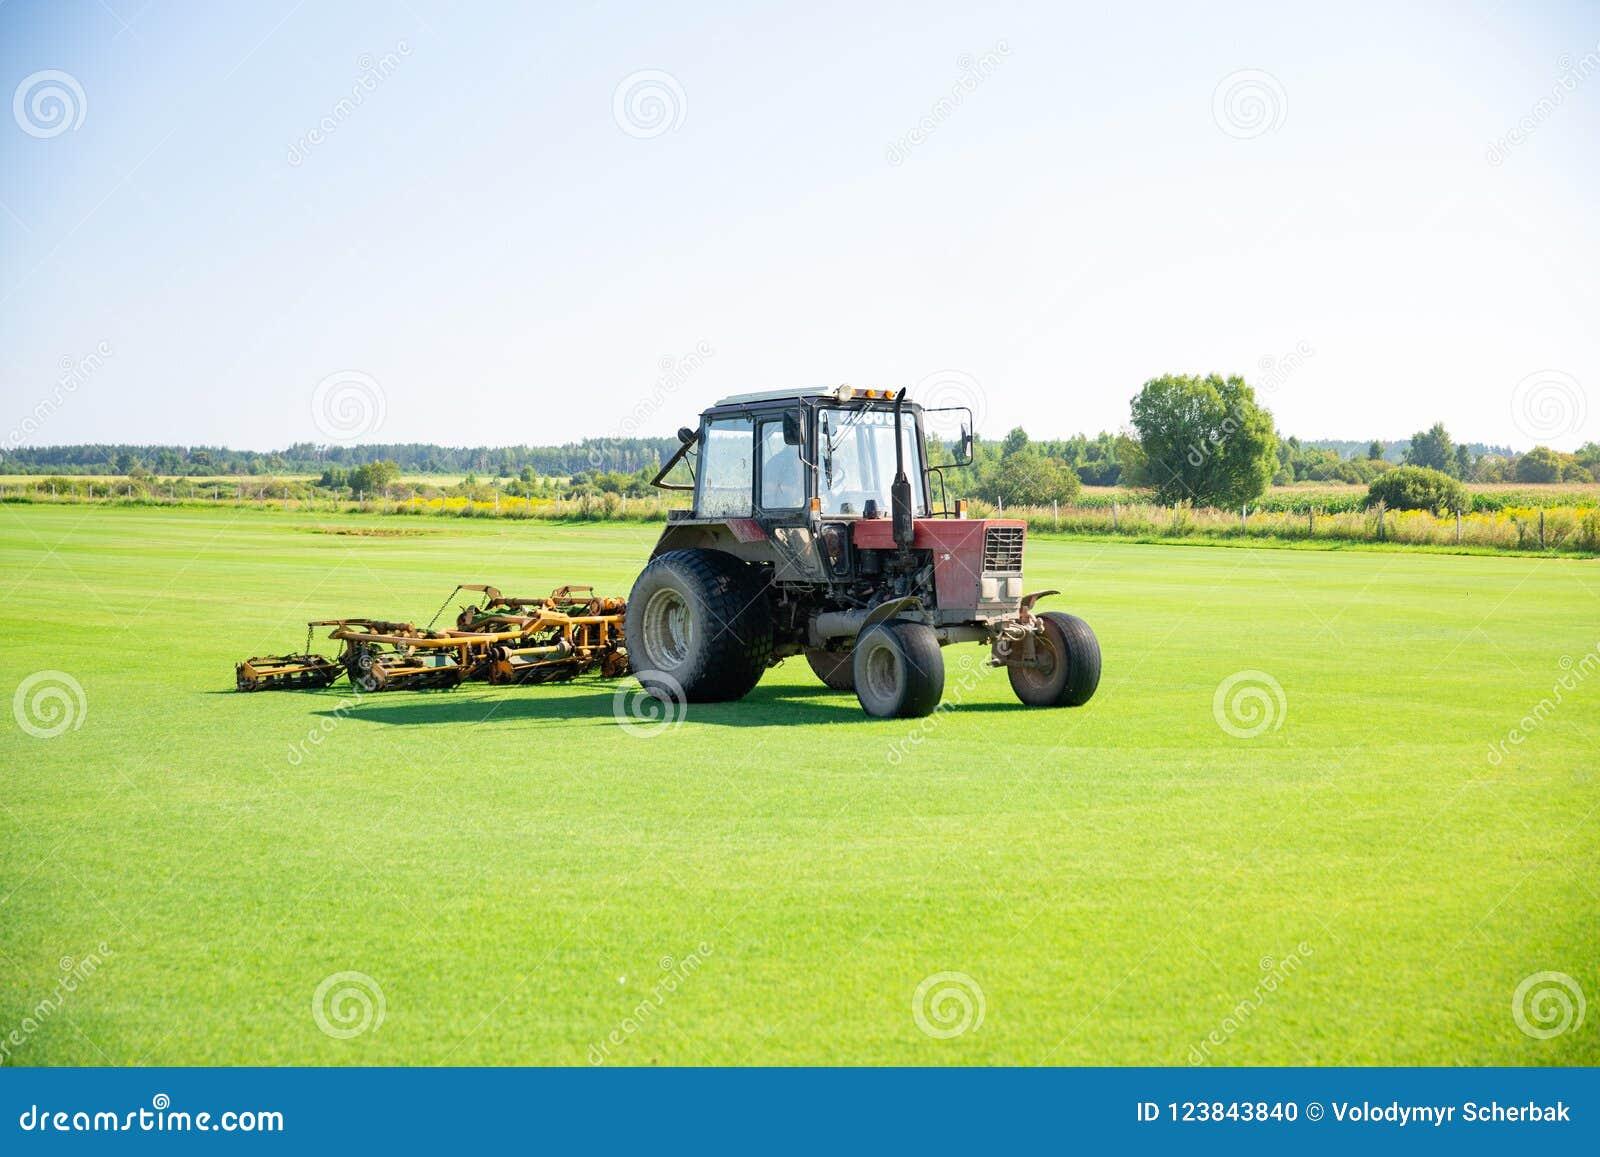 Трактор с соплом для заботы лужайки поля для поло лошади в работе Трава выключения принимает от механически частей никакого